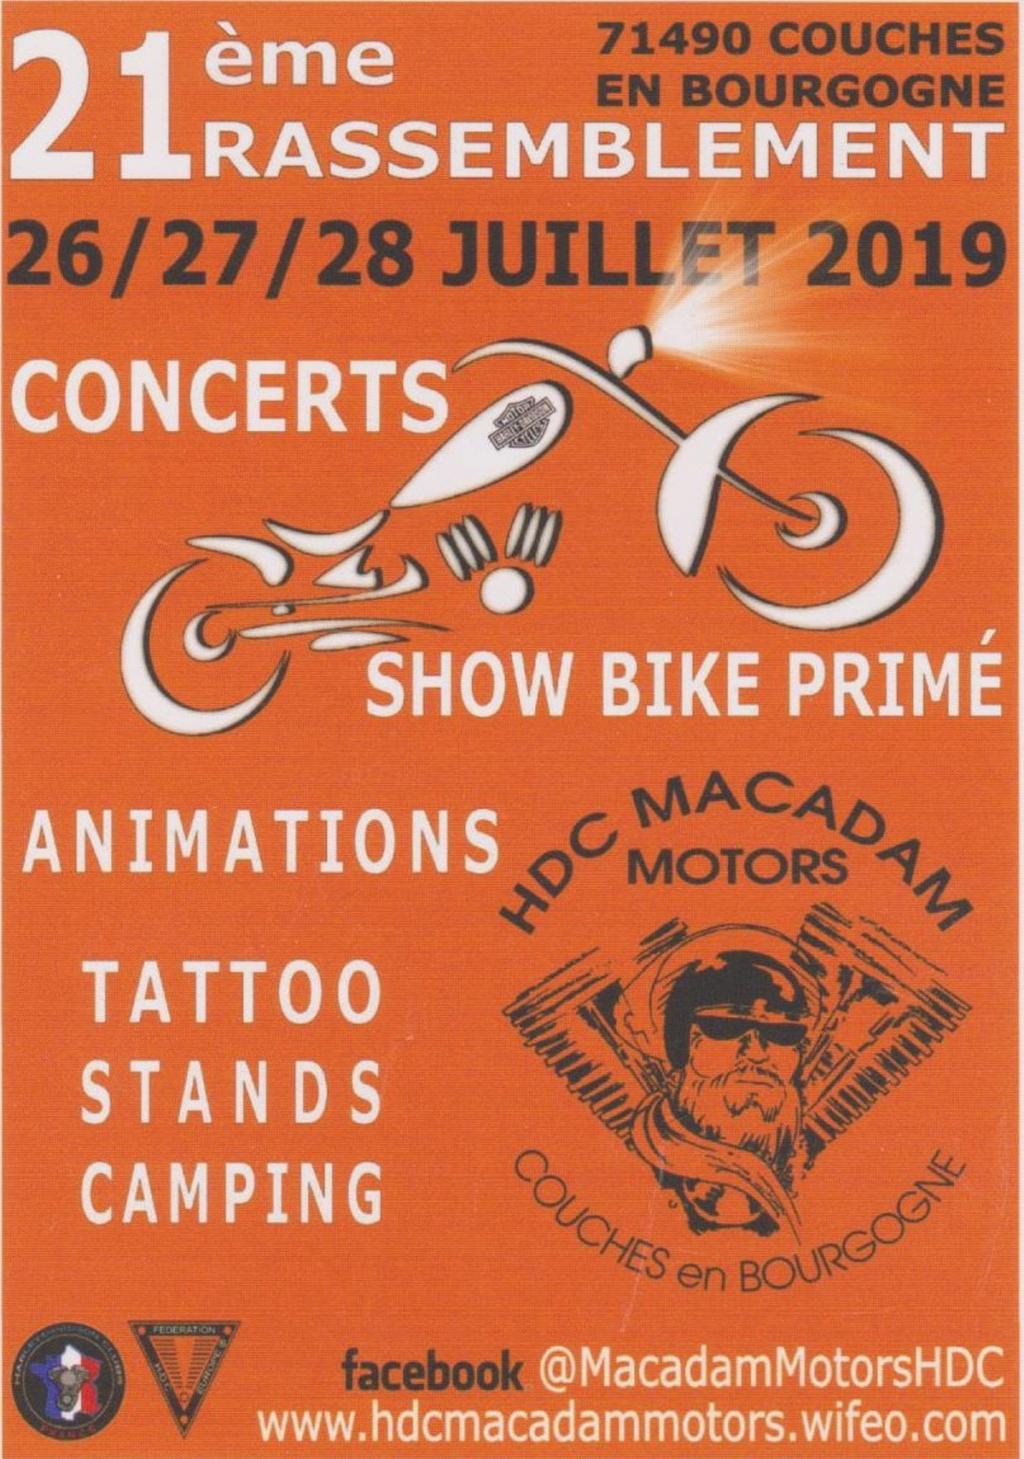 Rassemblement - 26 - 27 -  28 Juillet 2019 - Couches (71490) Illust18